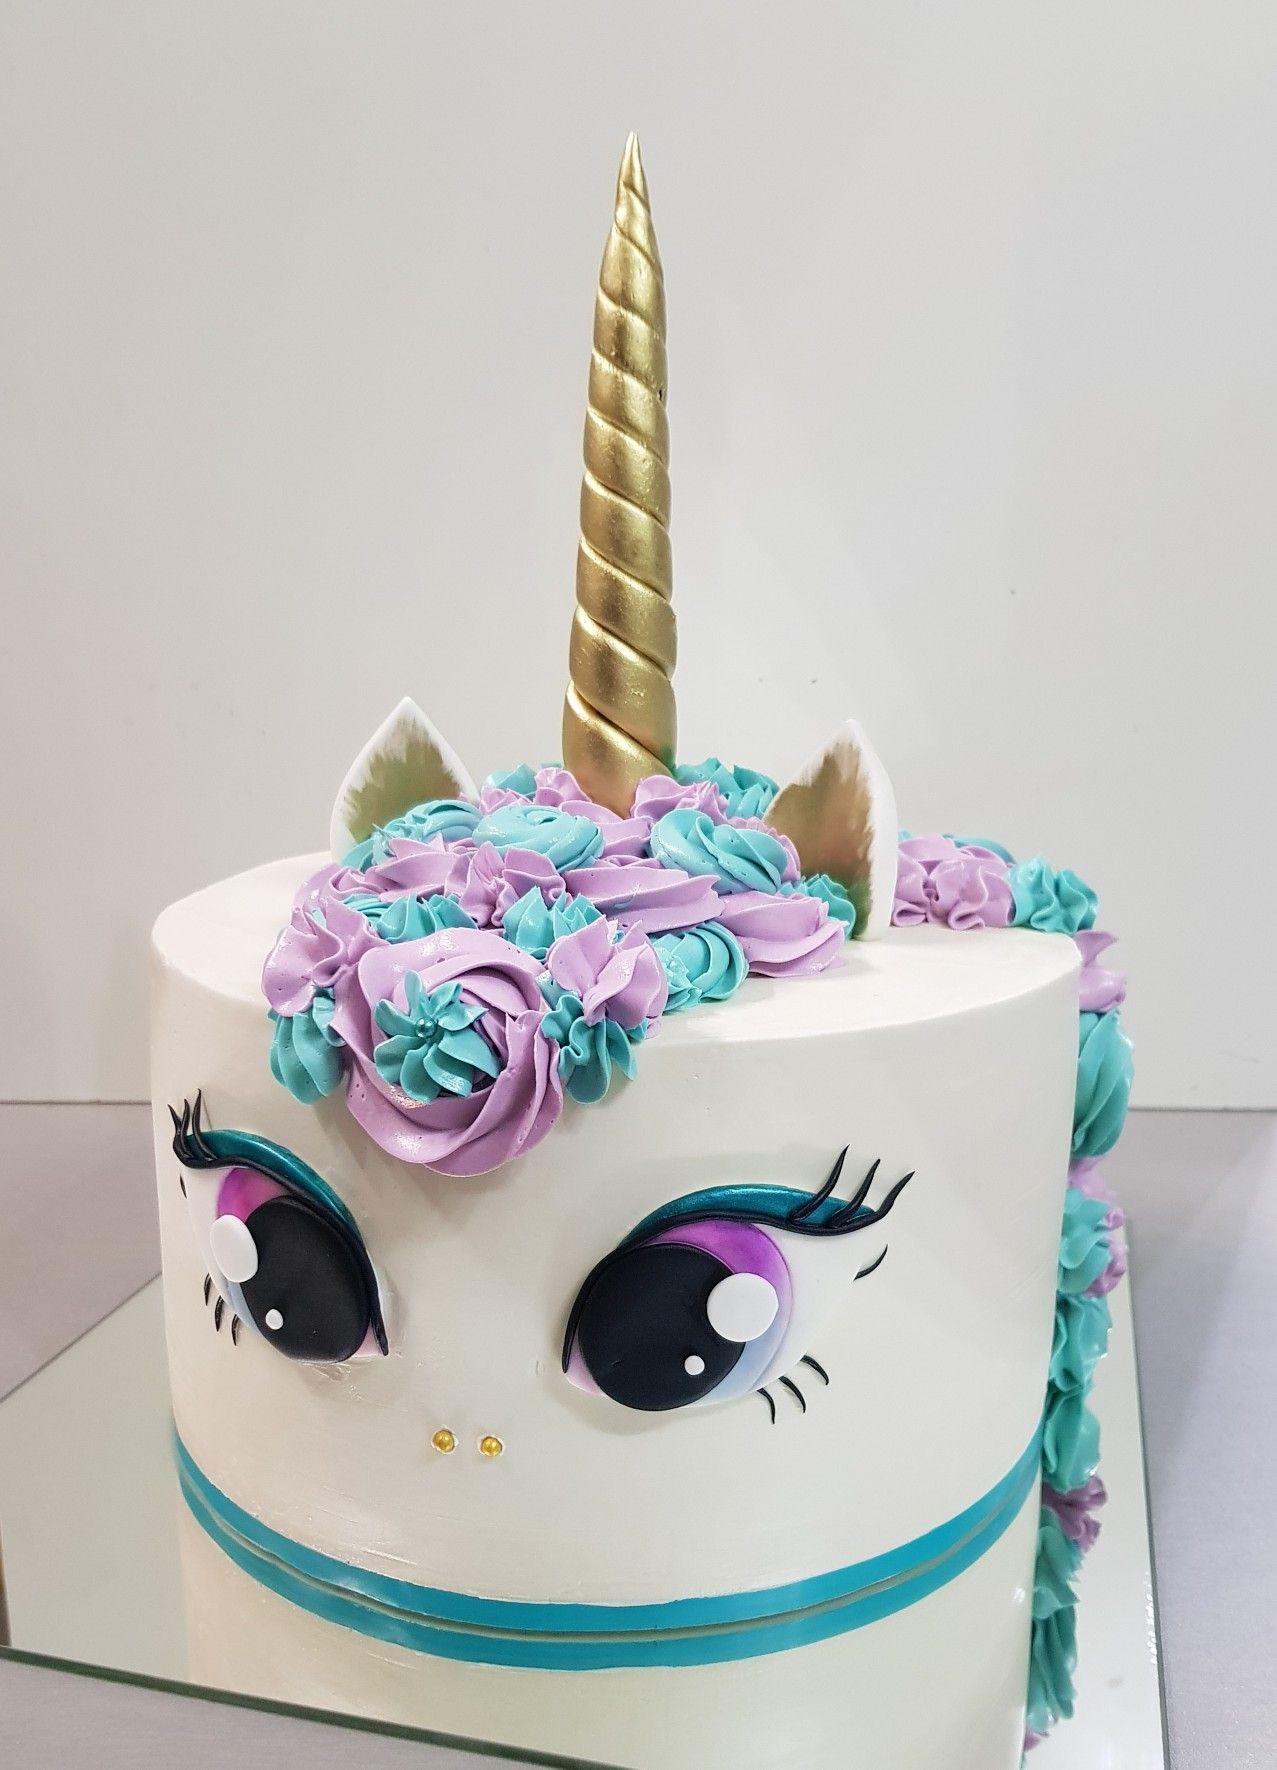 Unicorn Cake With Big Beautiful Eyes